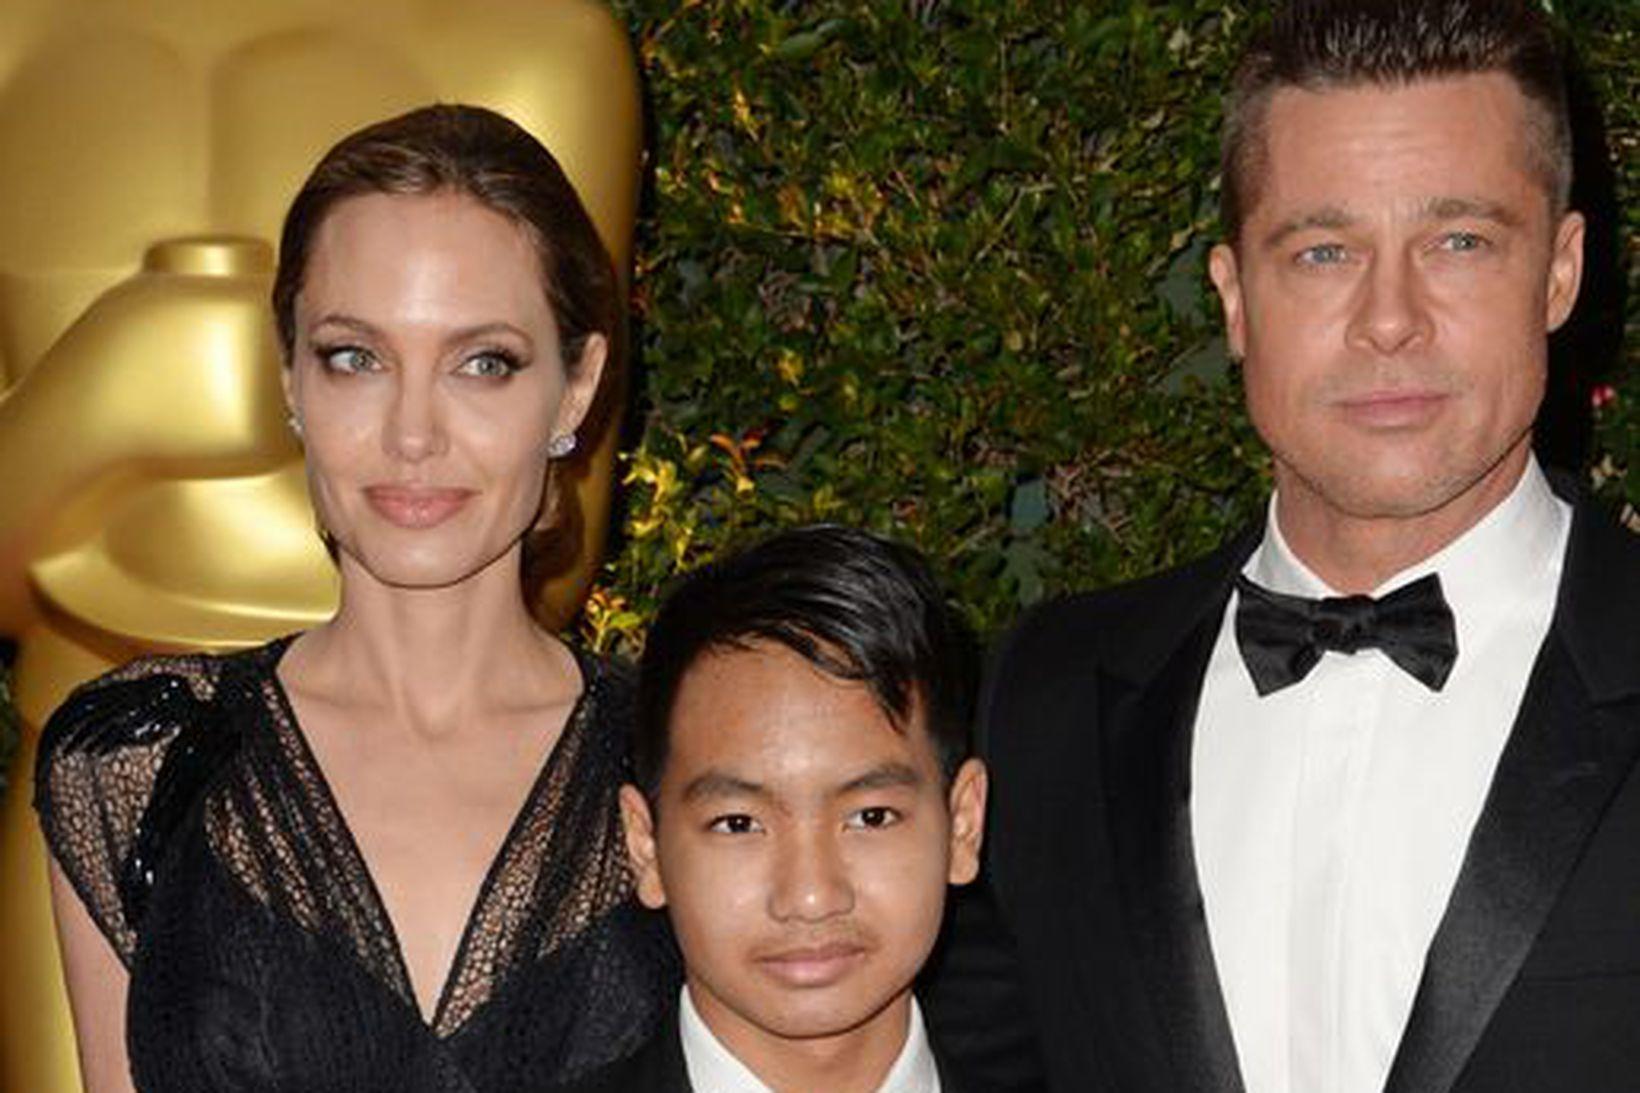 Maddox ásamt foreldrum sínum, Angelinu Jolie og Brad Pitt.